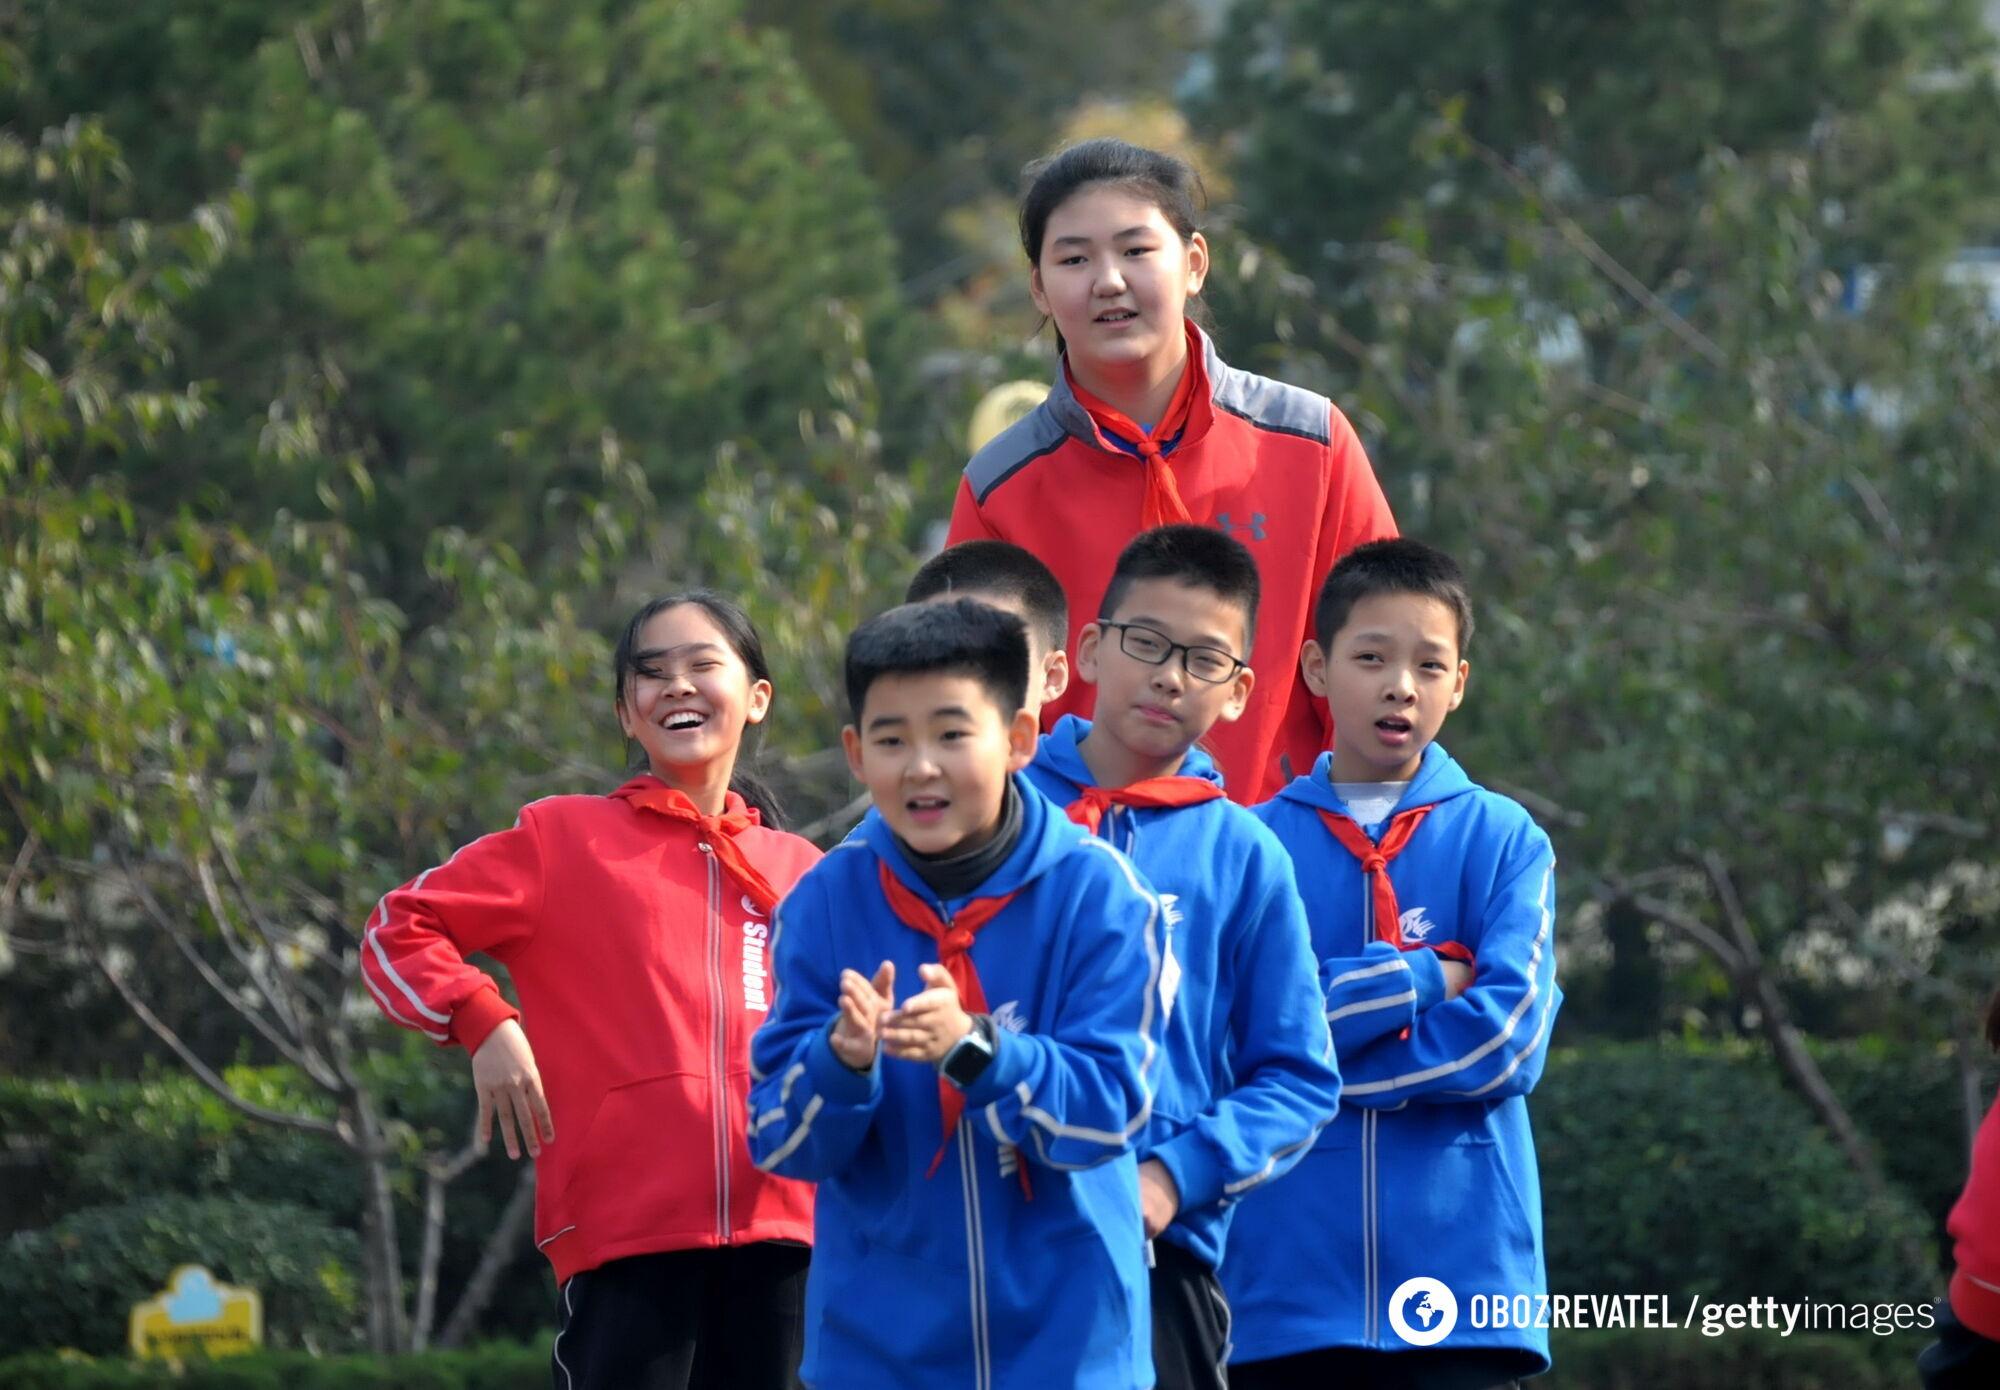 Чжан Цзыюй в 14 лет выросла до 228 см